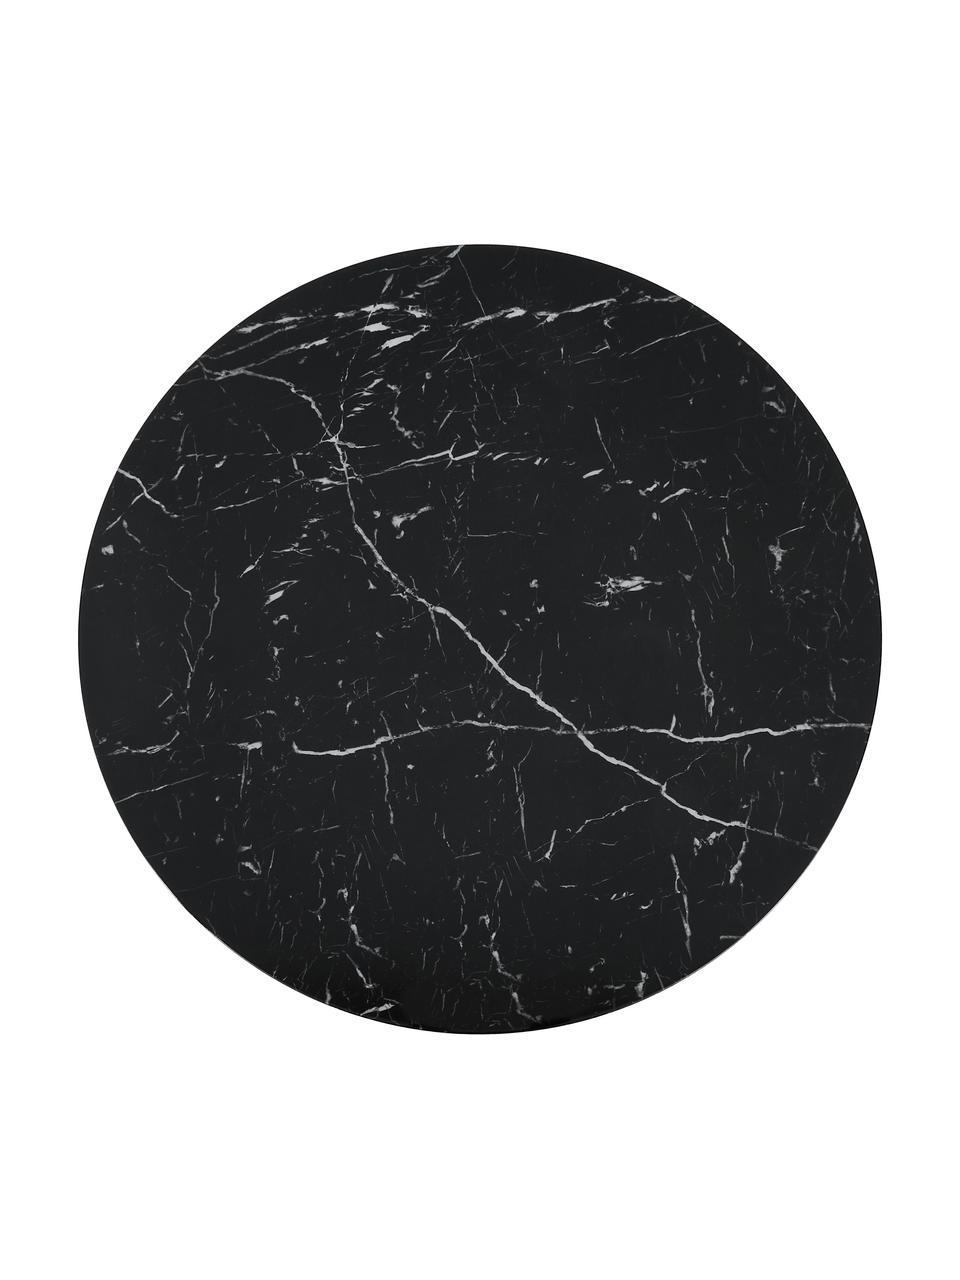 Ronde eettafel Karla in marmerlook, Tafelblad: MDF, bedekt met gelakt pa, Tafelblad: zwart, gemarmerd. Tafelpoot: mat zwart, Ø 90 x H 75 cm